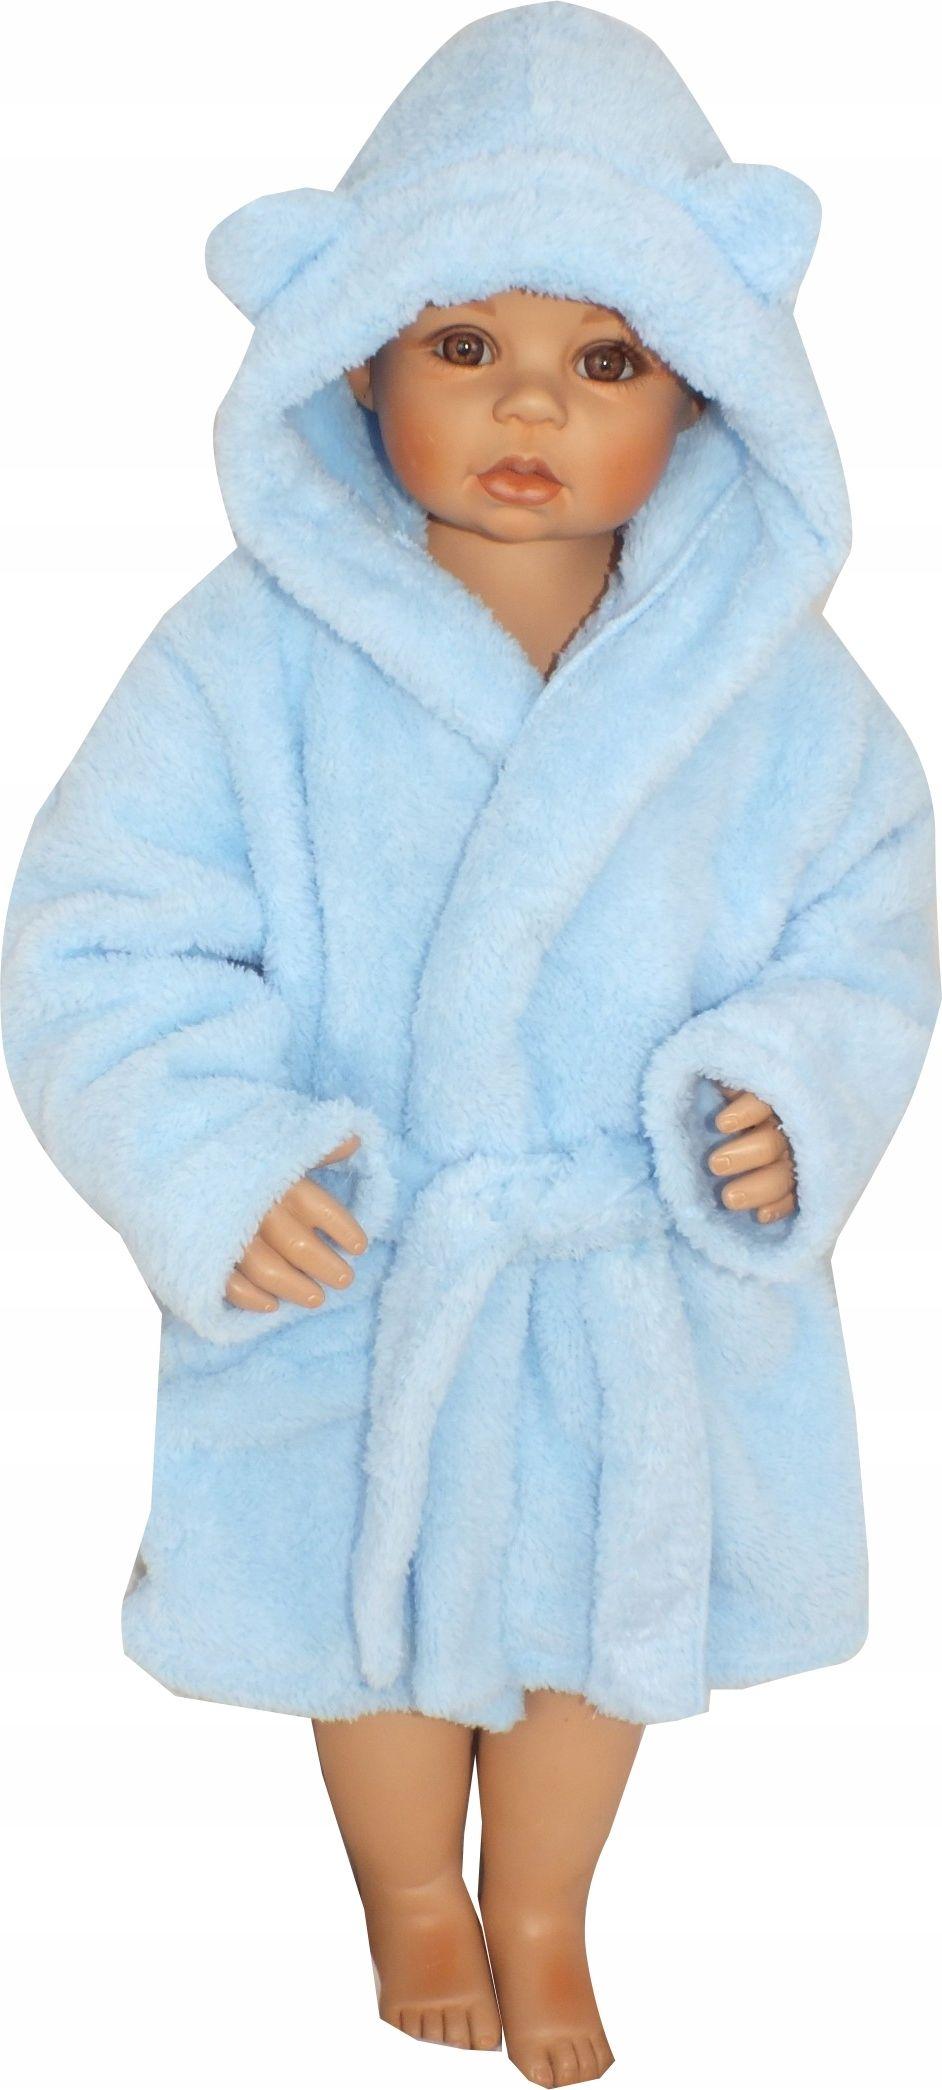 Szlafrok Dzieciecy Niemowlecy Cieply Misiowy Rozmiary 86 128 Zyzio Zuzia Fashion Robe